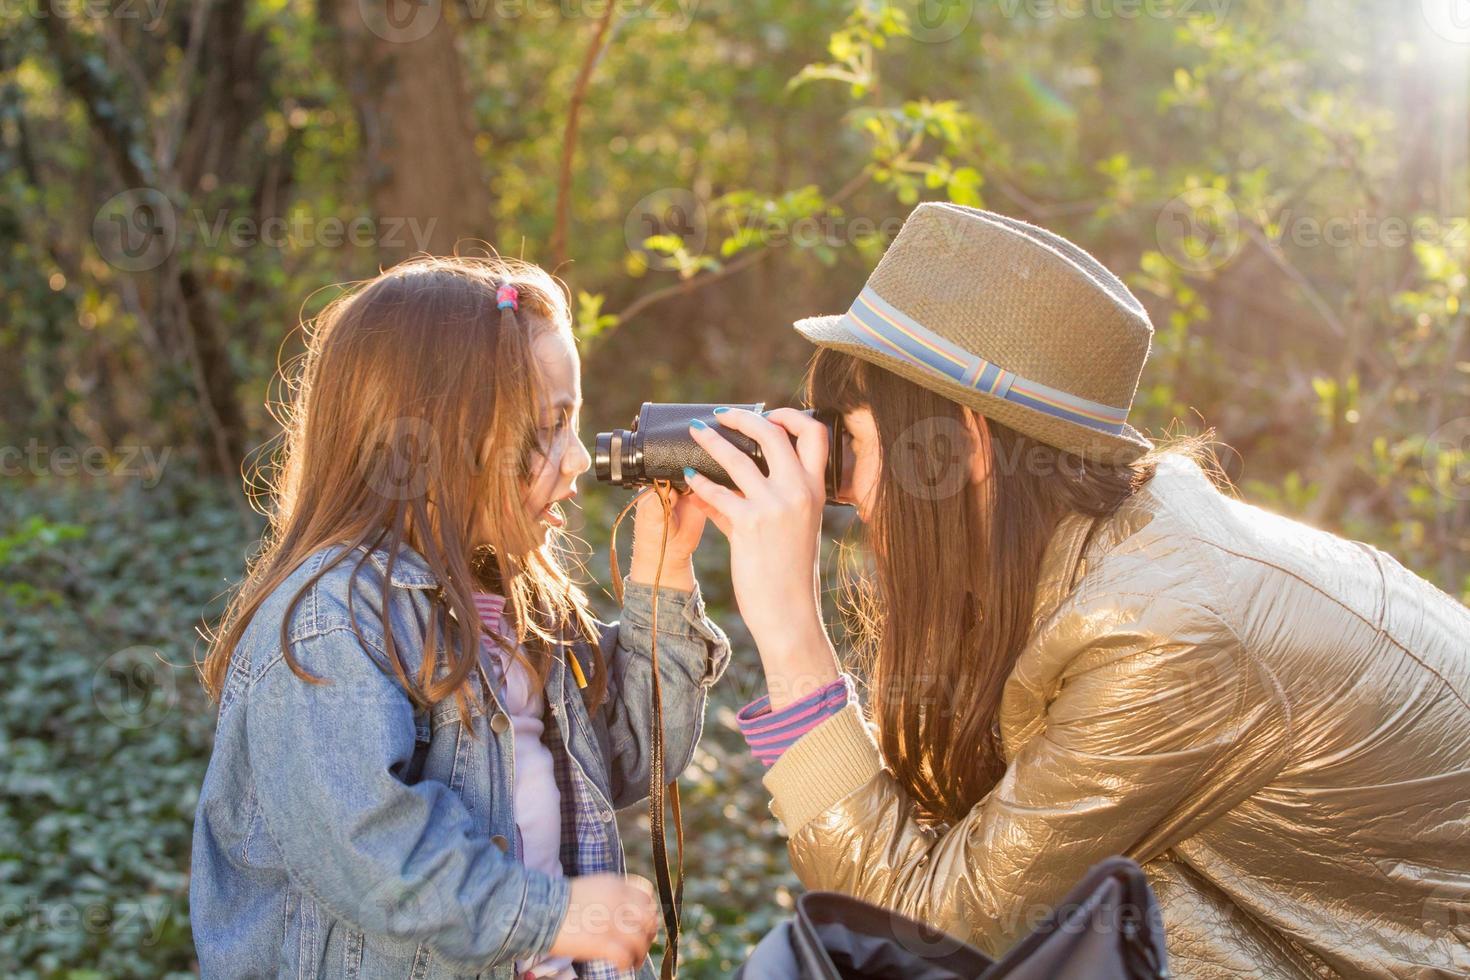 dos niñas foto